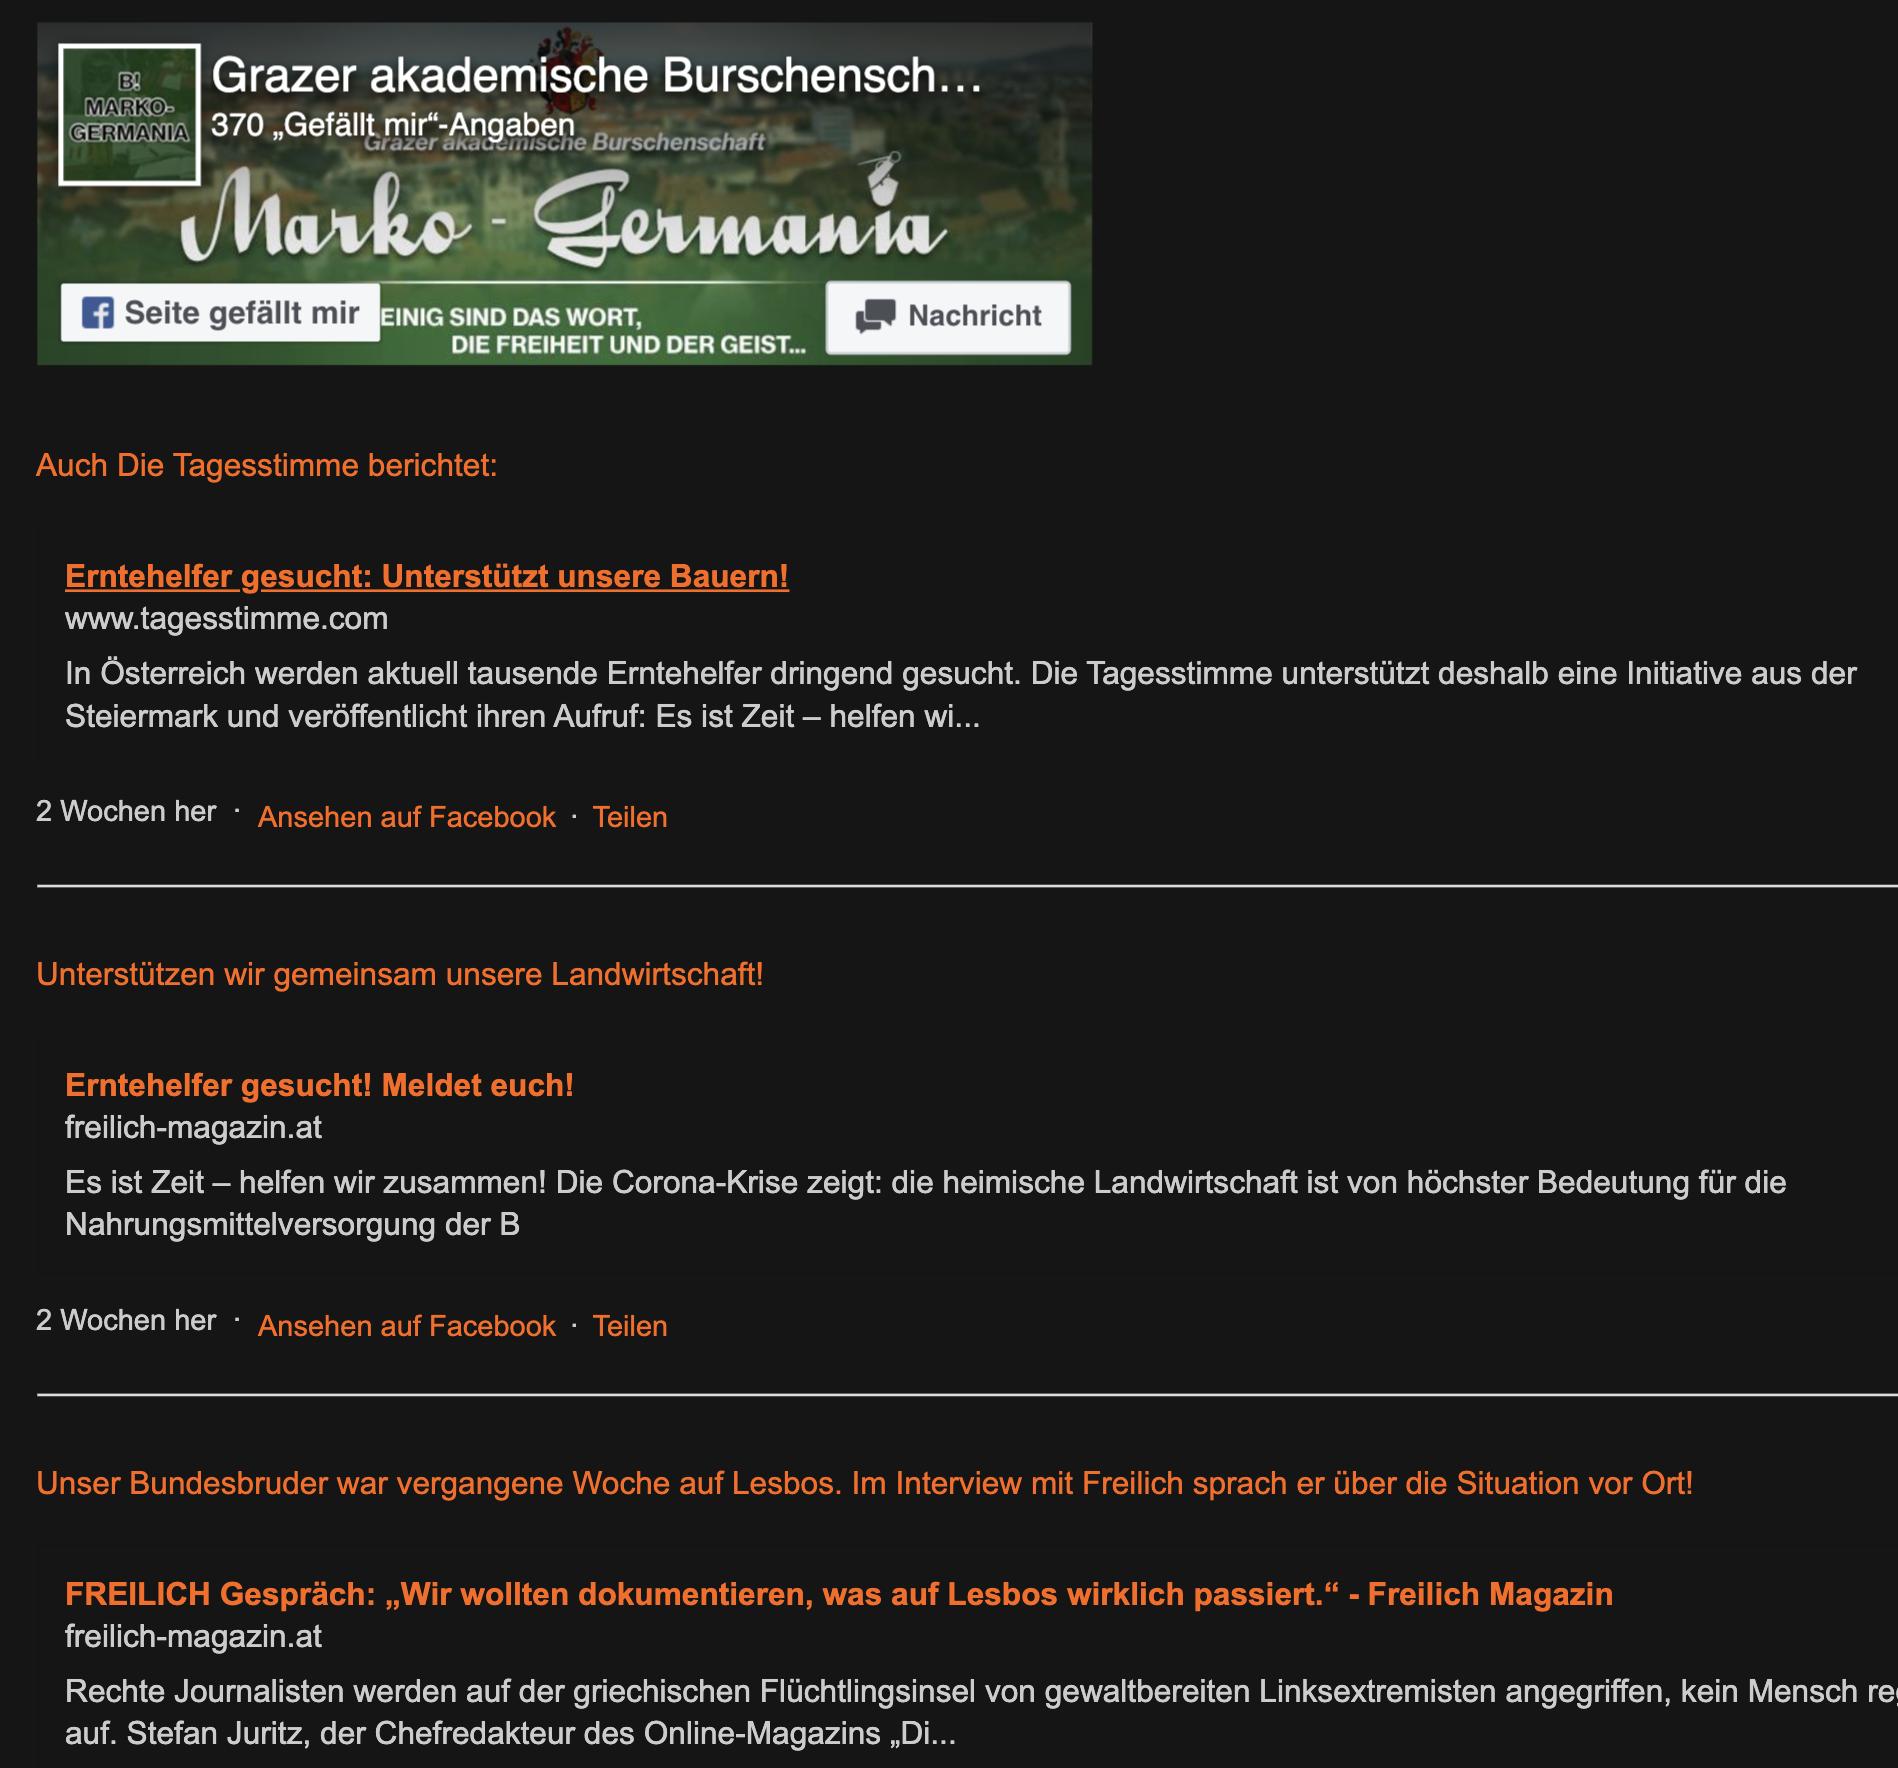 """Die Grazer Burschenschaft Marko-Germania ruft mit """"Freilich"""" und """"Tagesstimme"""" zum Ernteeinsatz auf."""